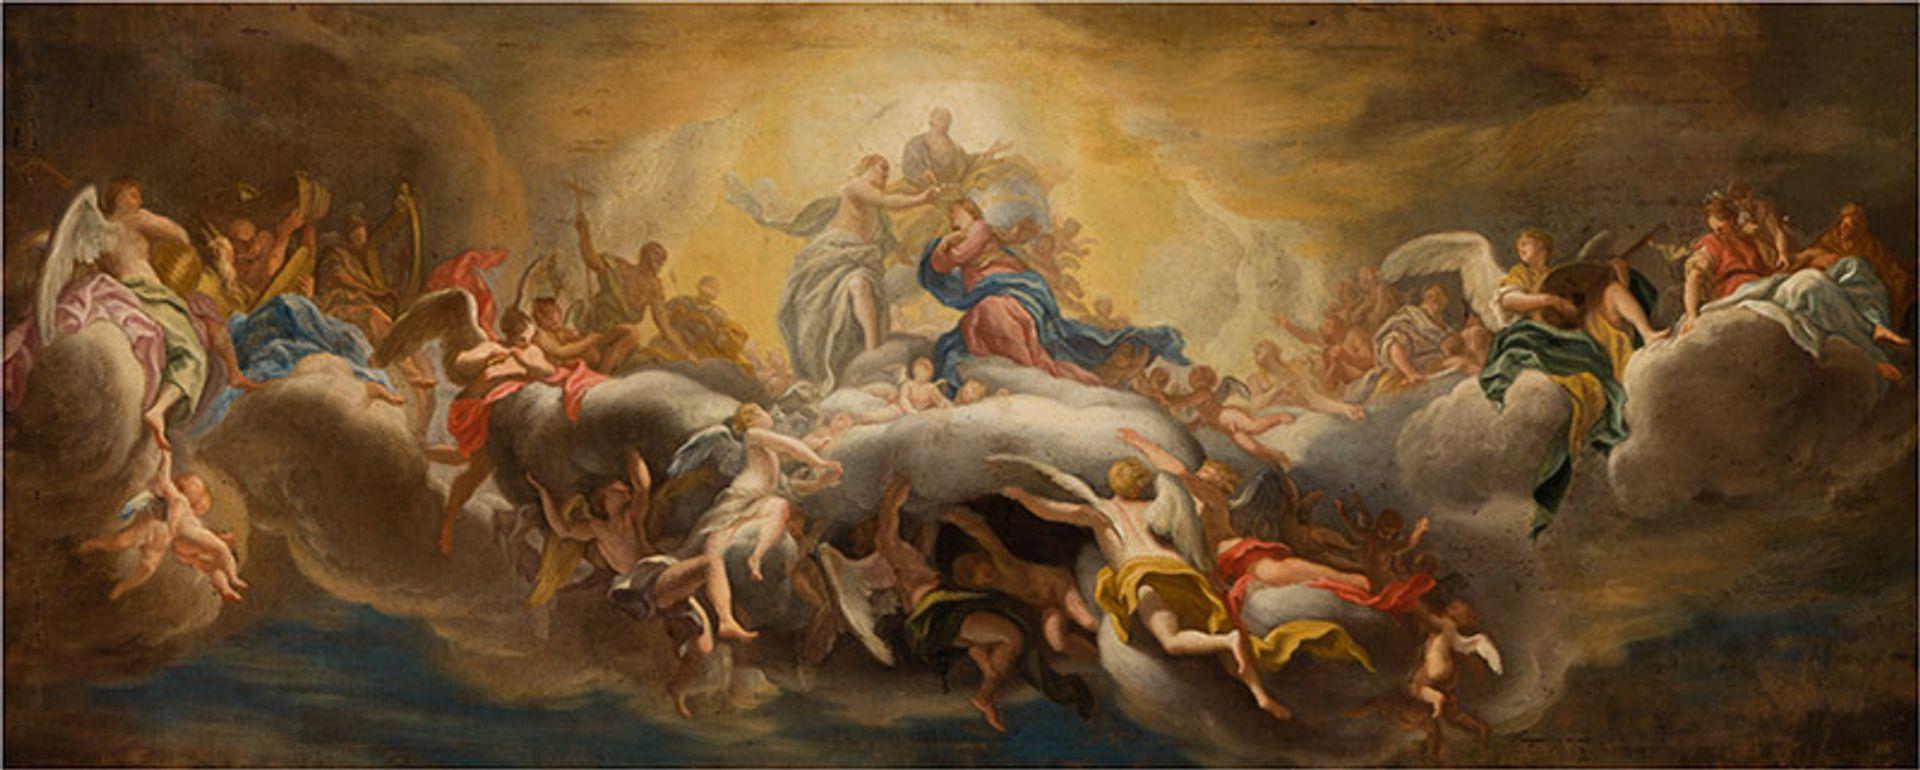 Domenico Piola, The Coronation of the Virgin (around 1695), oil on canvas, Musei di Strada Nuova, Palazzo Bianco, Genoa © Musei di Strada Nuova